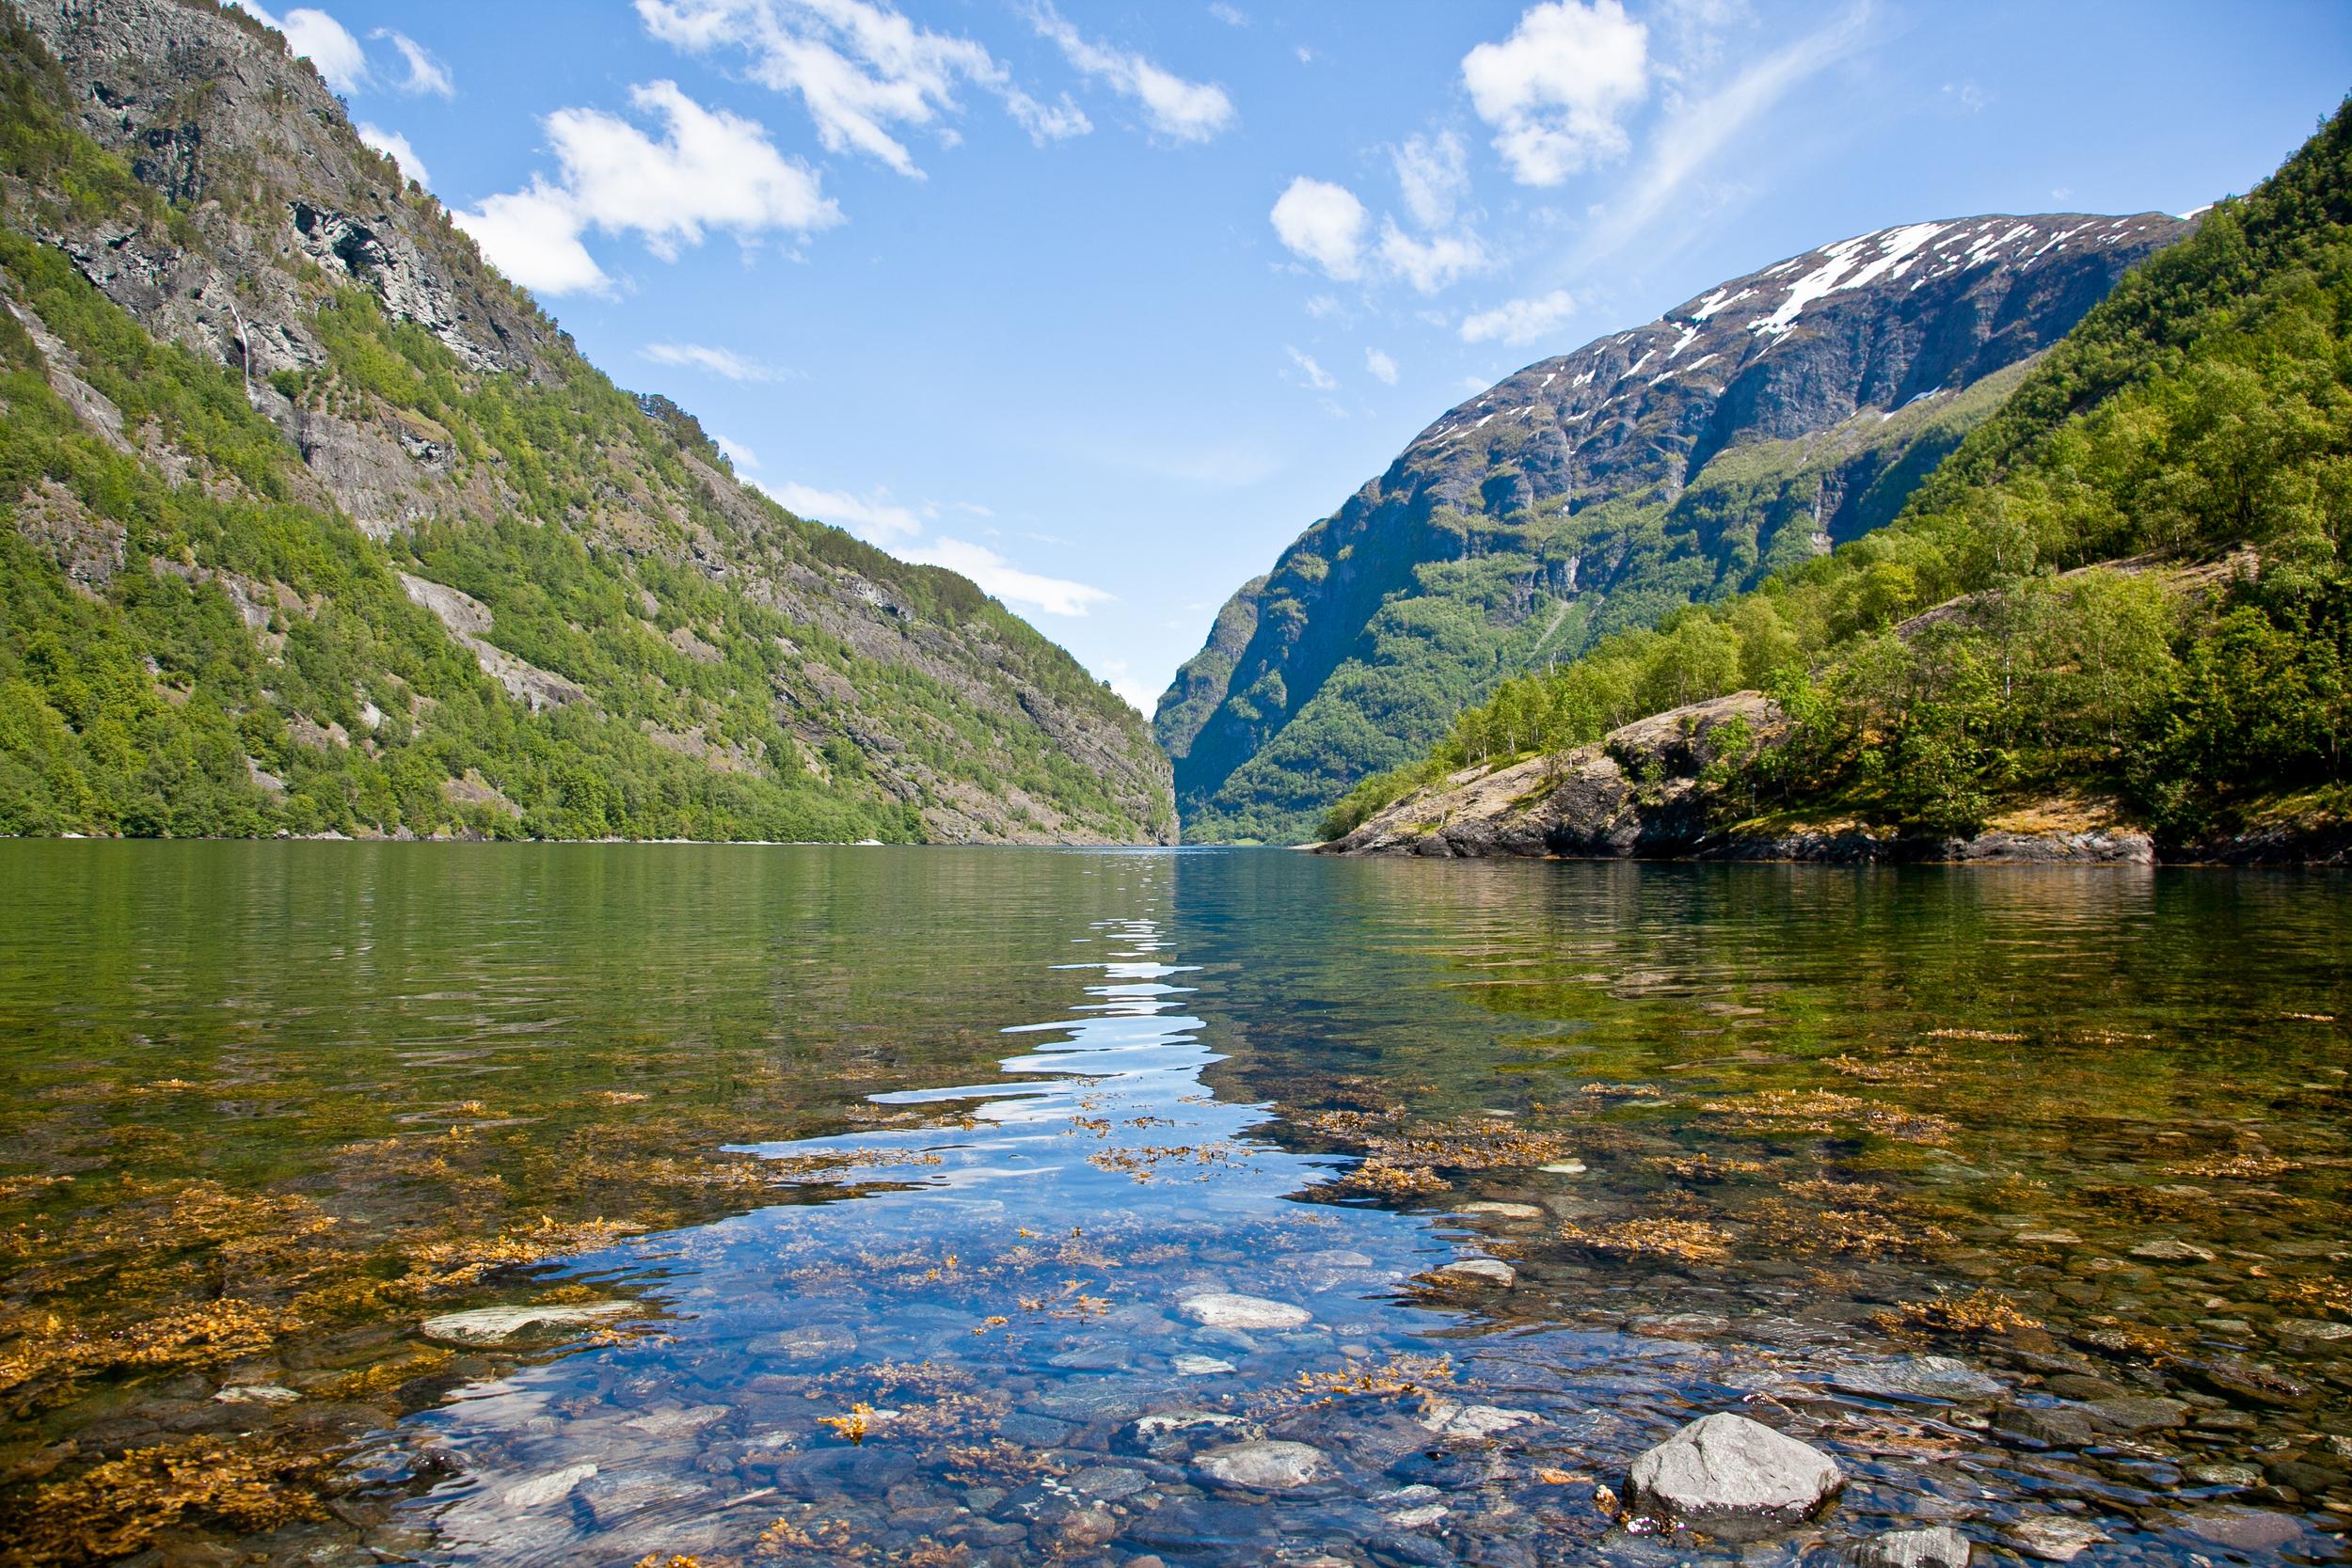 IMG_3500-naeroyfjord-norway-kayak-trisa-taro.jpg